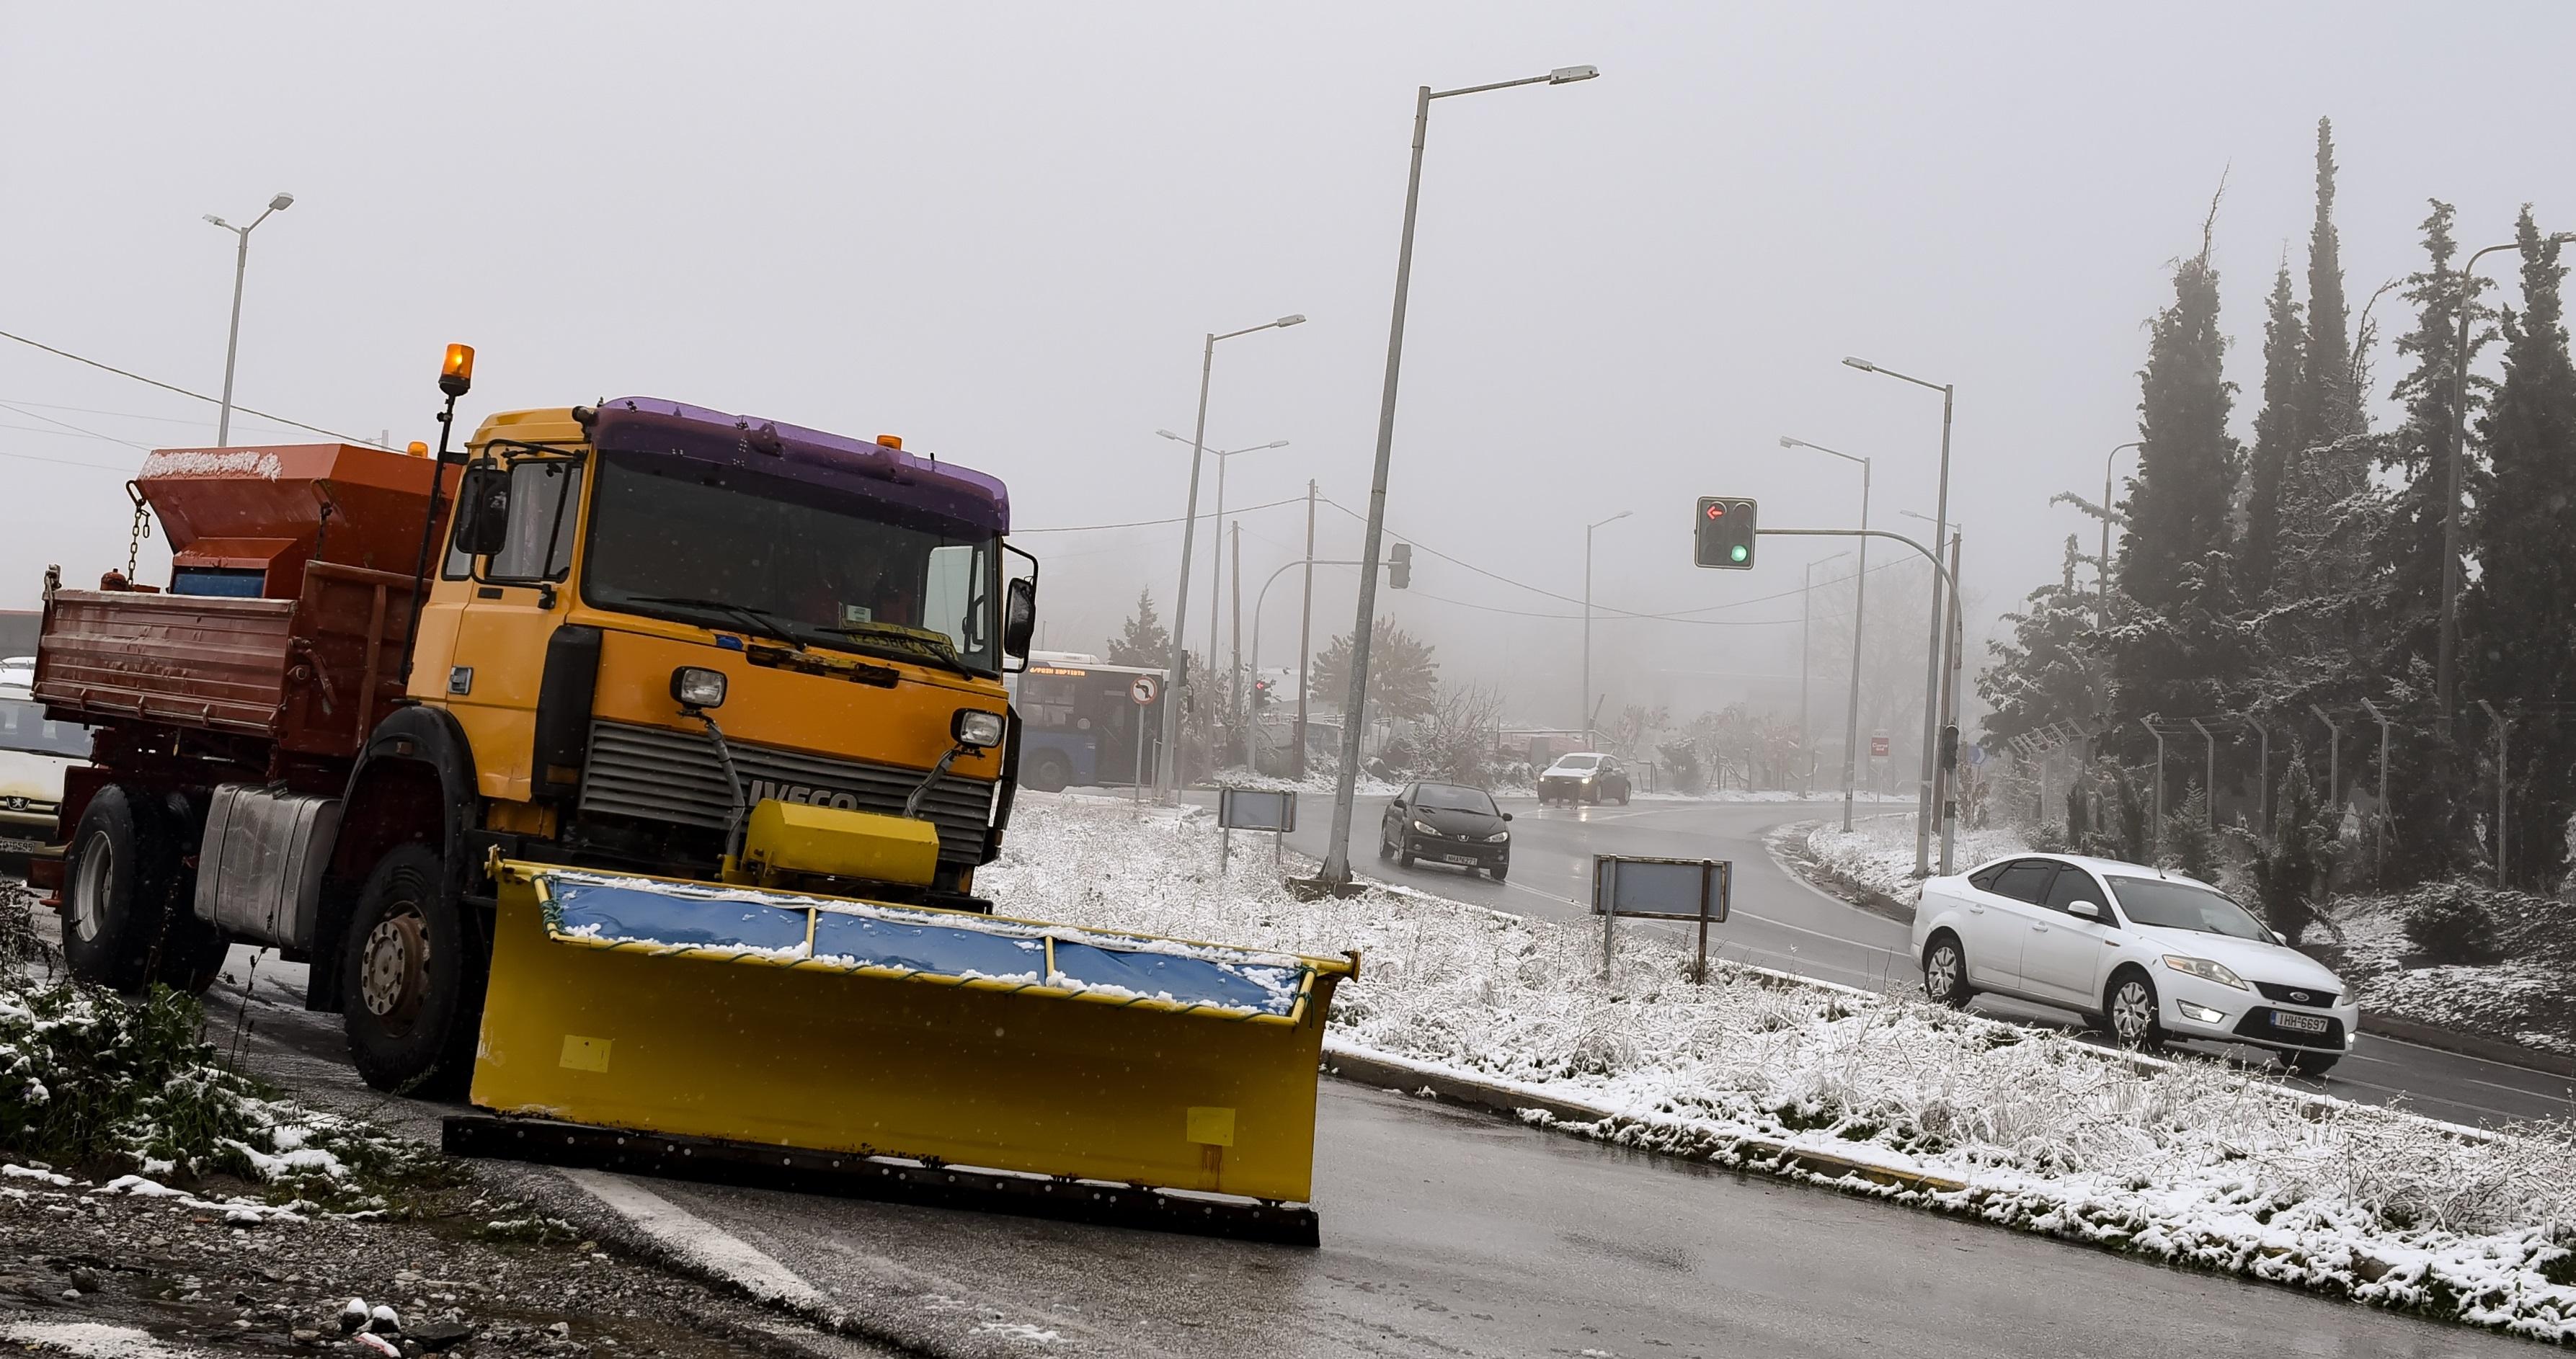 """Χιονίζει προς Δομοκό, Μπράλο και Καρπενήσι - """"Απαγορευτικό"""" για το Χιονοδρομικό Κέντρο Παρνασσού που έχει βουλιάξει από κόσμο"""